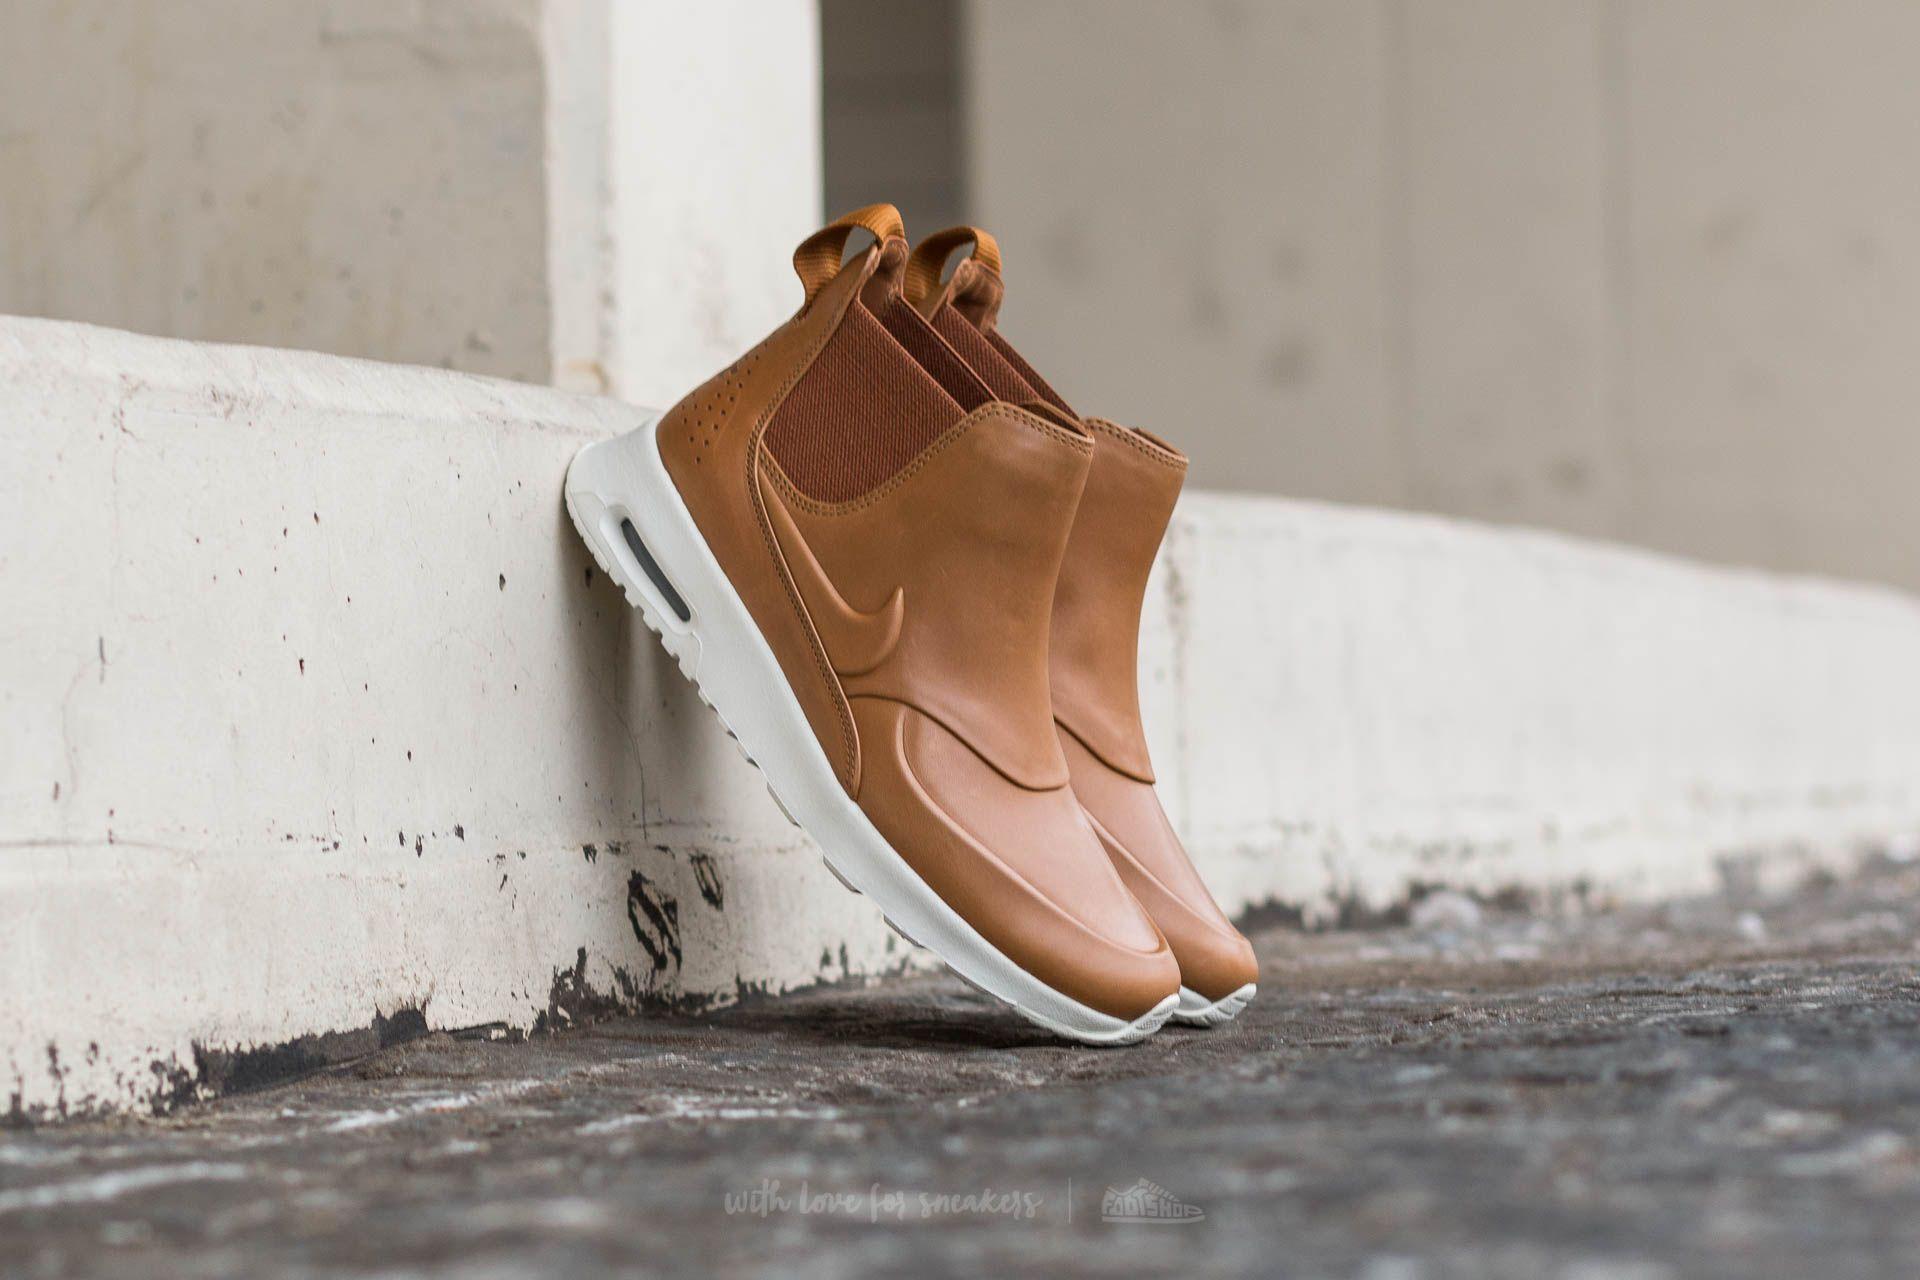 d137b5e202 Nike W Air Max Thea Mid Ale Brown/Ale Brown-Sail | Footshop